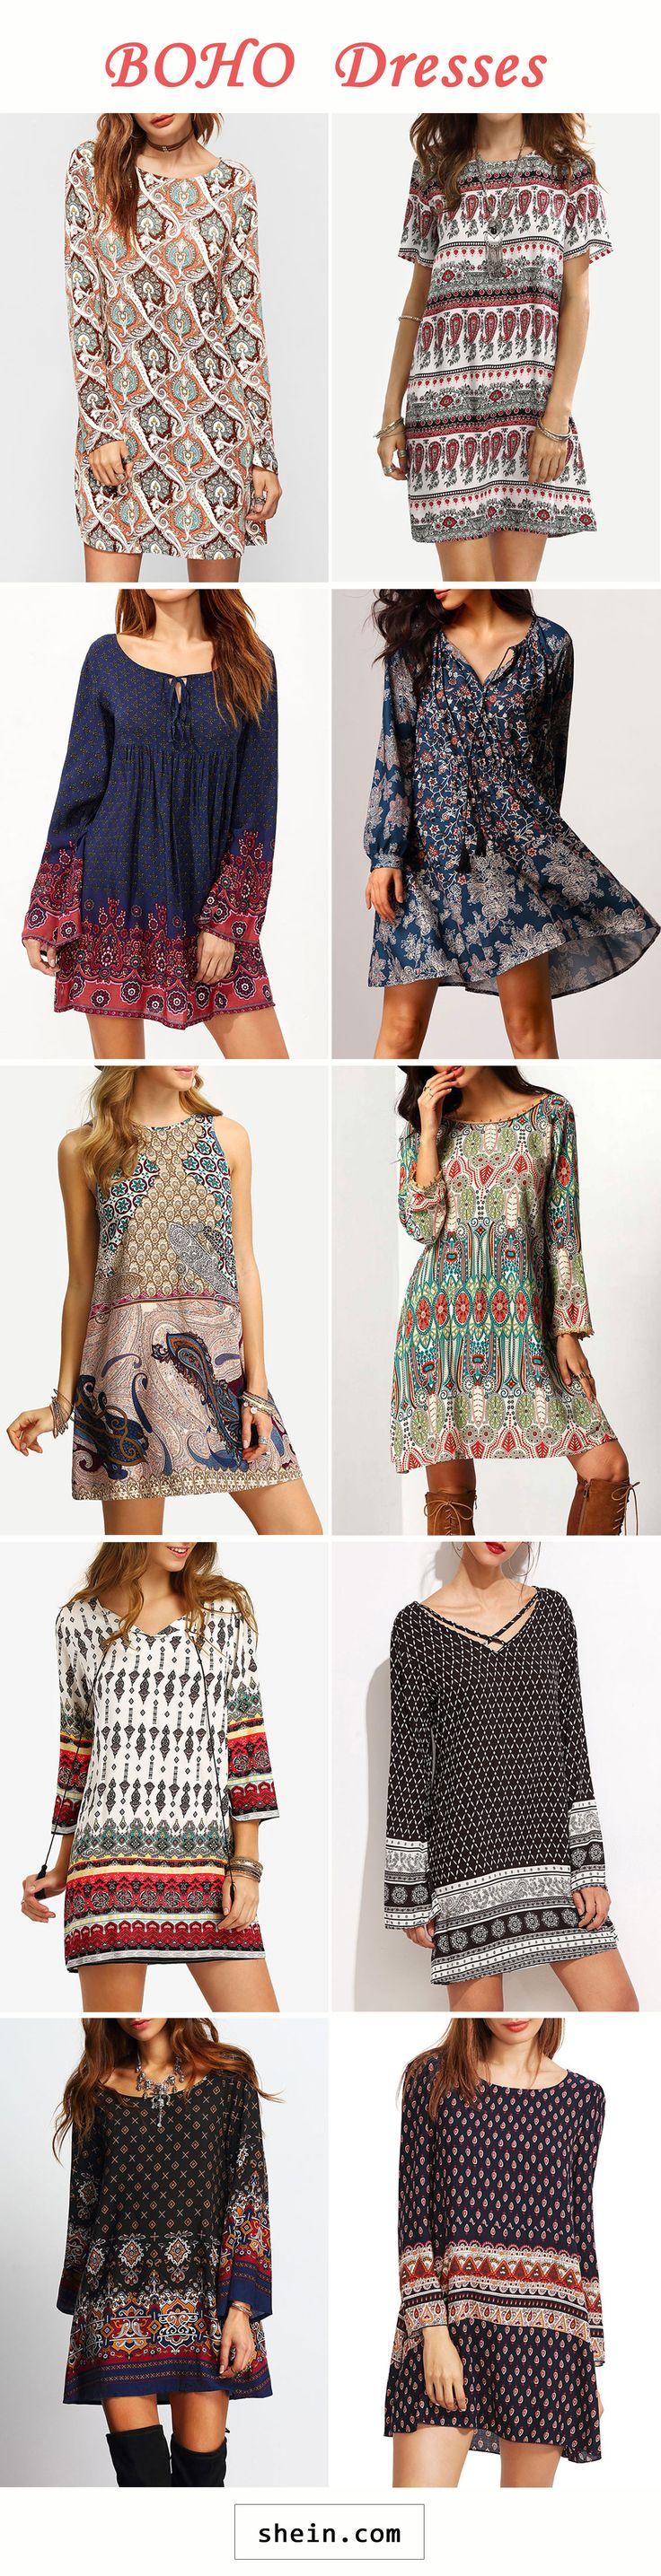 Boho dresses start at $10!